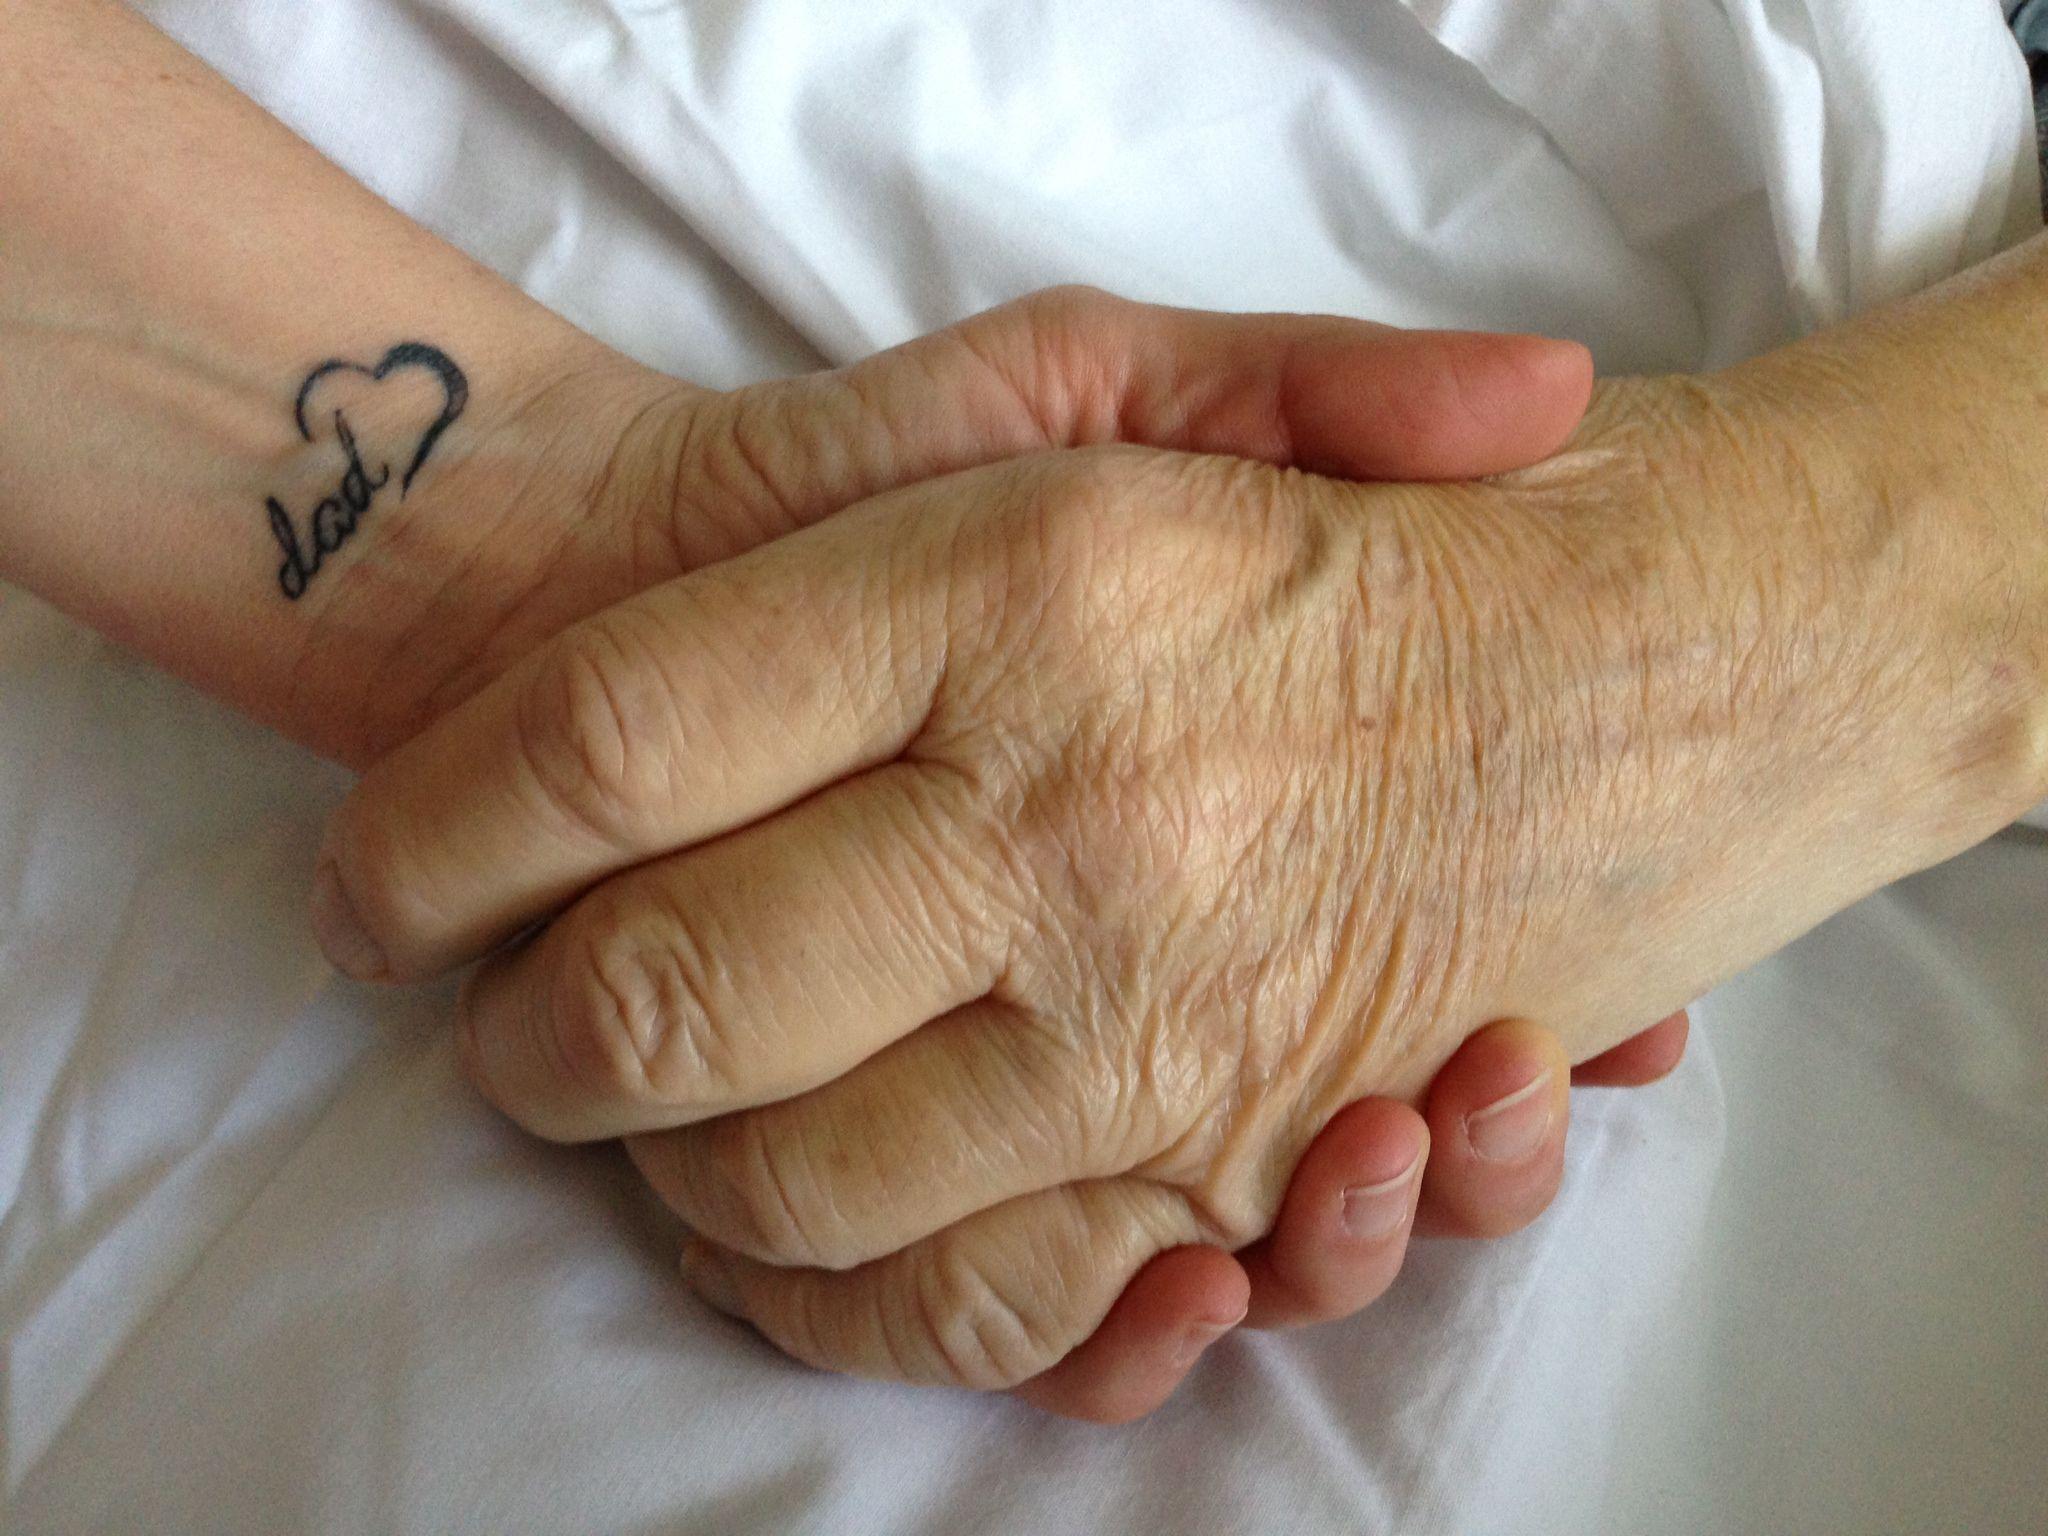 Love Your Dad Tattoo: Wrist Tattoos, Love Wrist